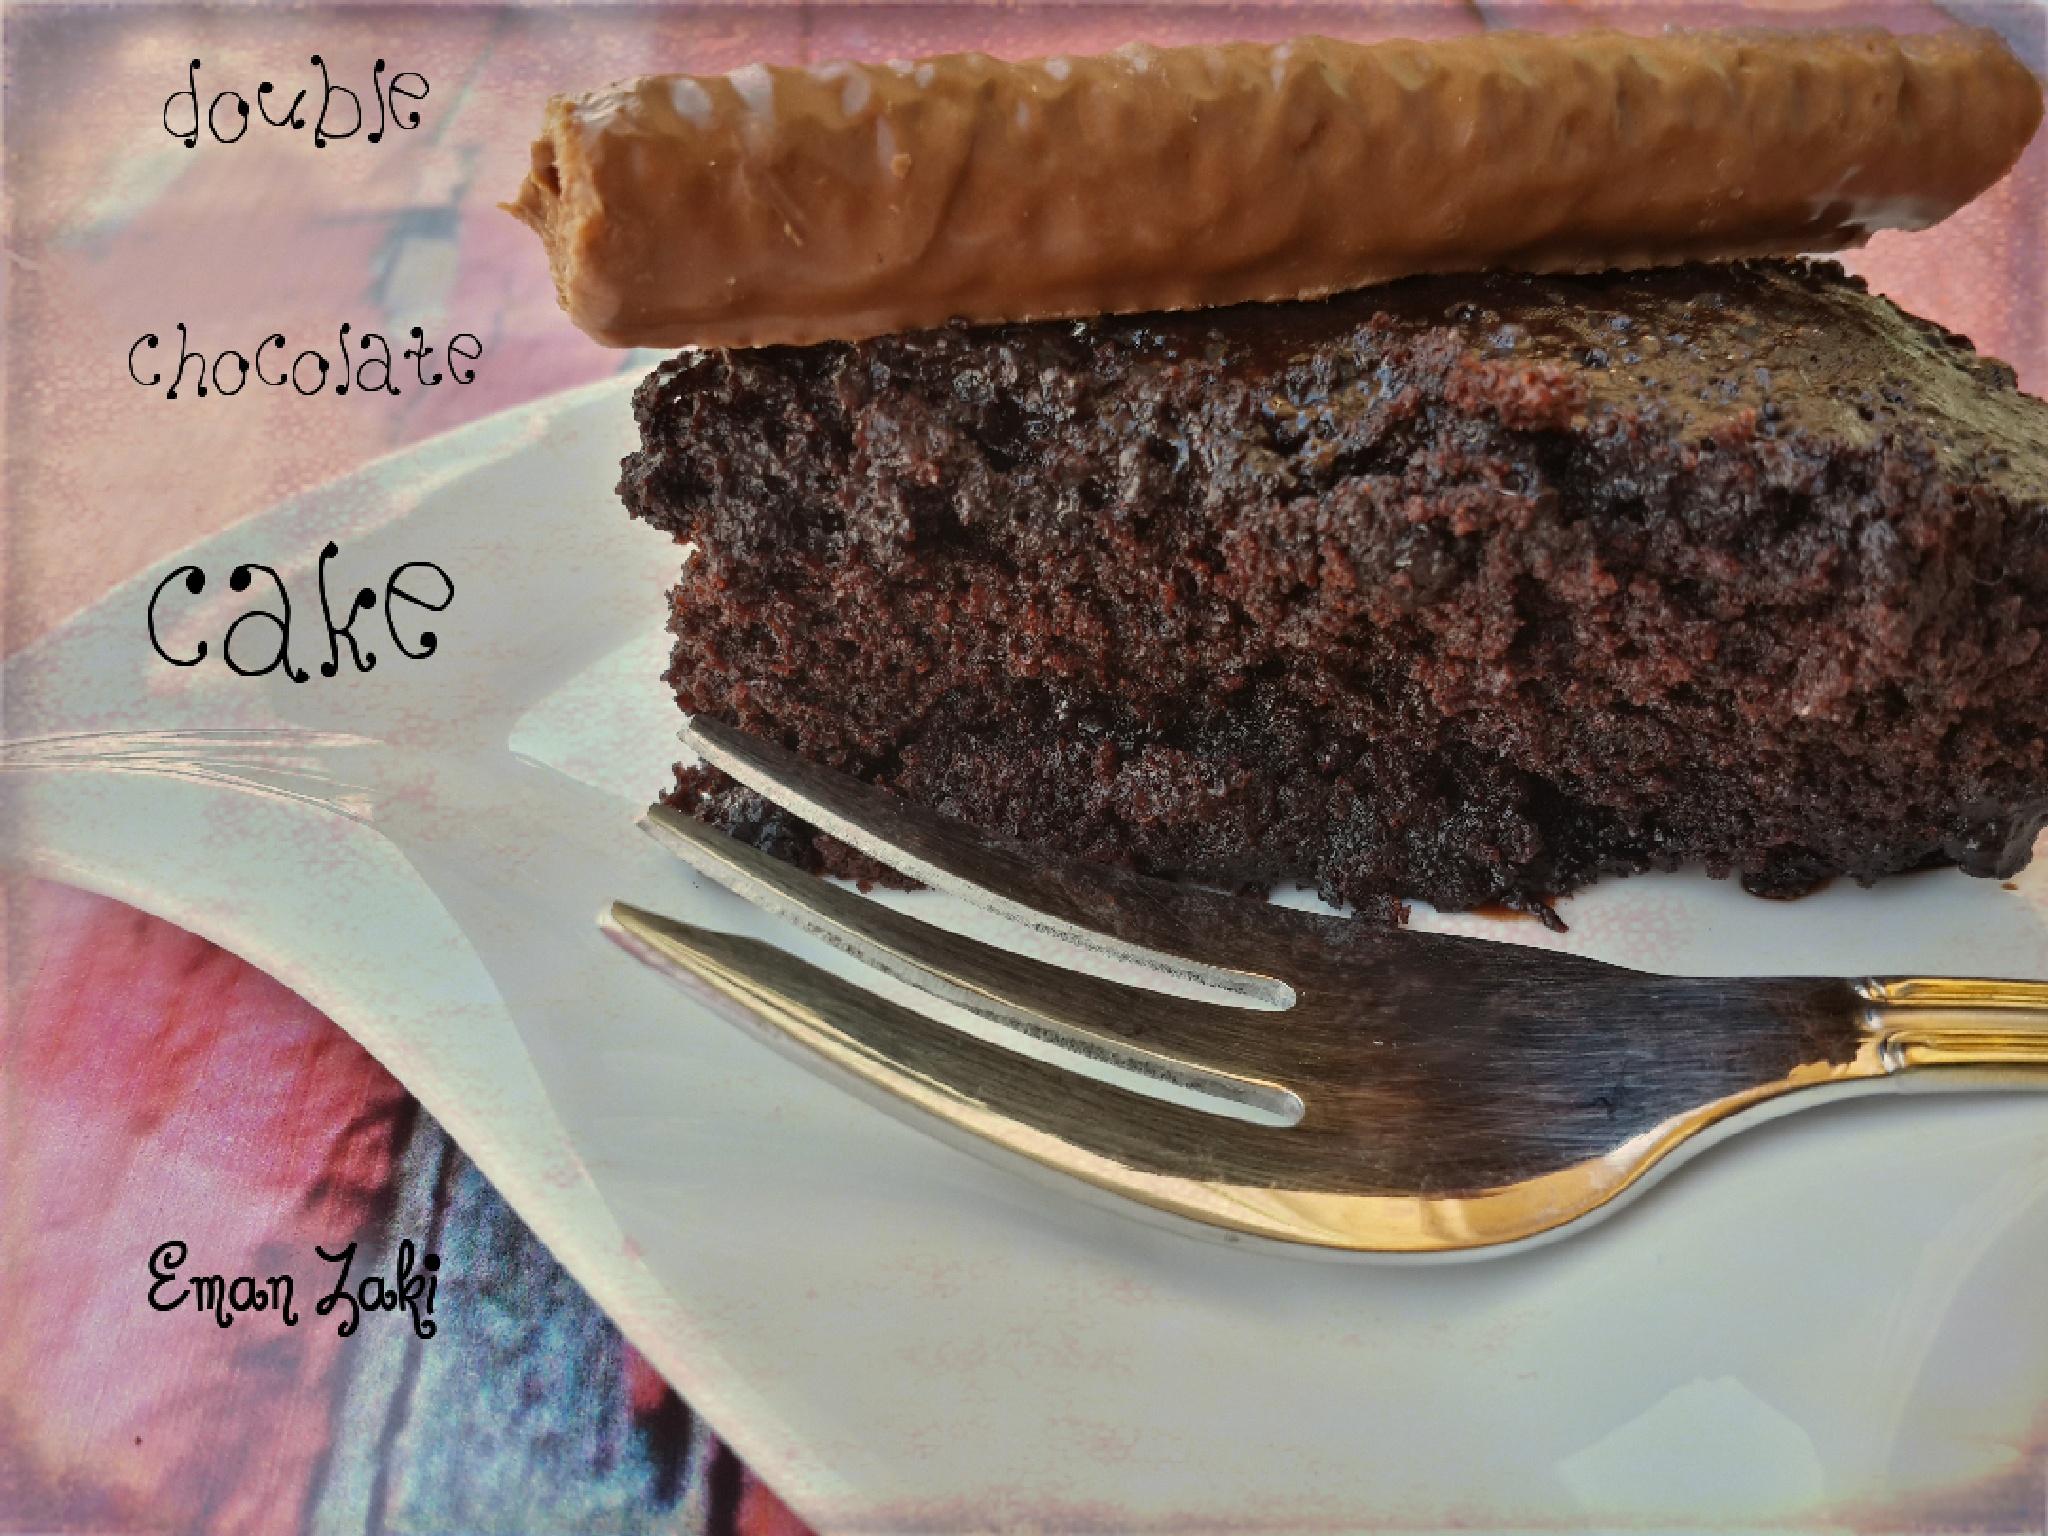 Double chocolate cake by Meme Zaki